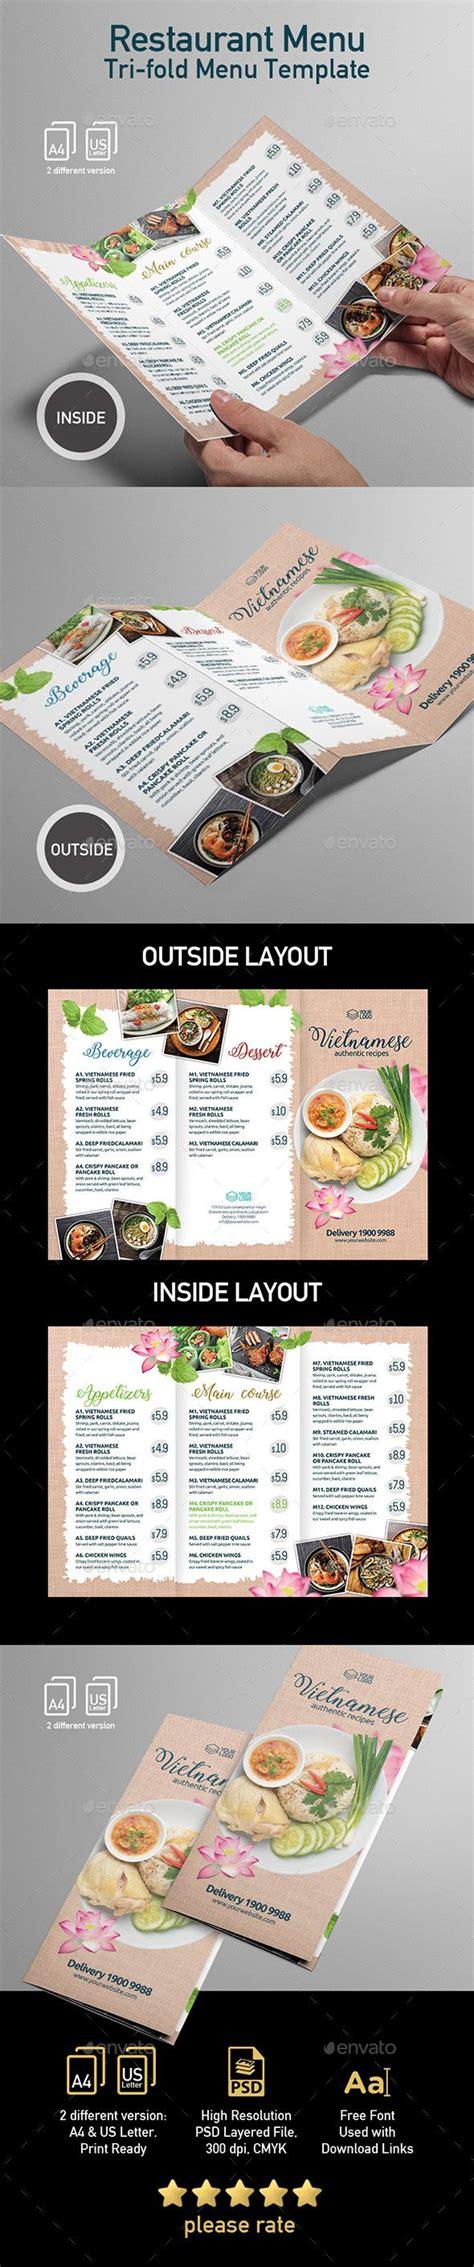 free takeaway menu templates takeaway flyer templates yourweek 8e11a1eca25e